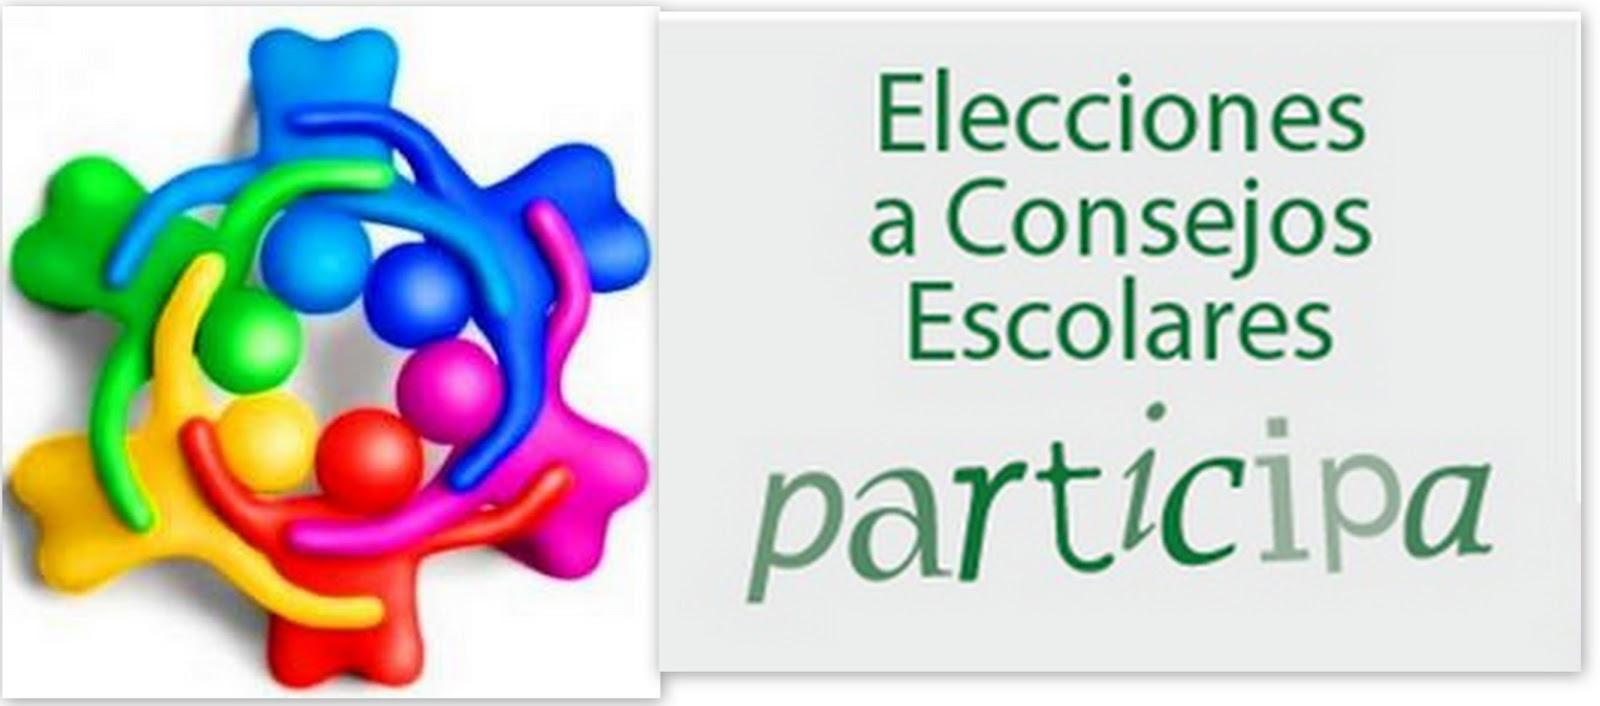 Imagen de la noticia: Elecciones al Consejo Escolar [Actualizado]